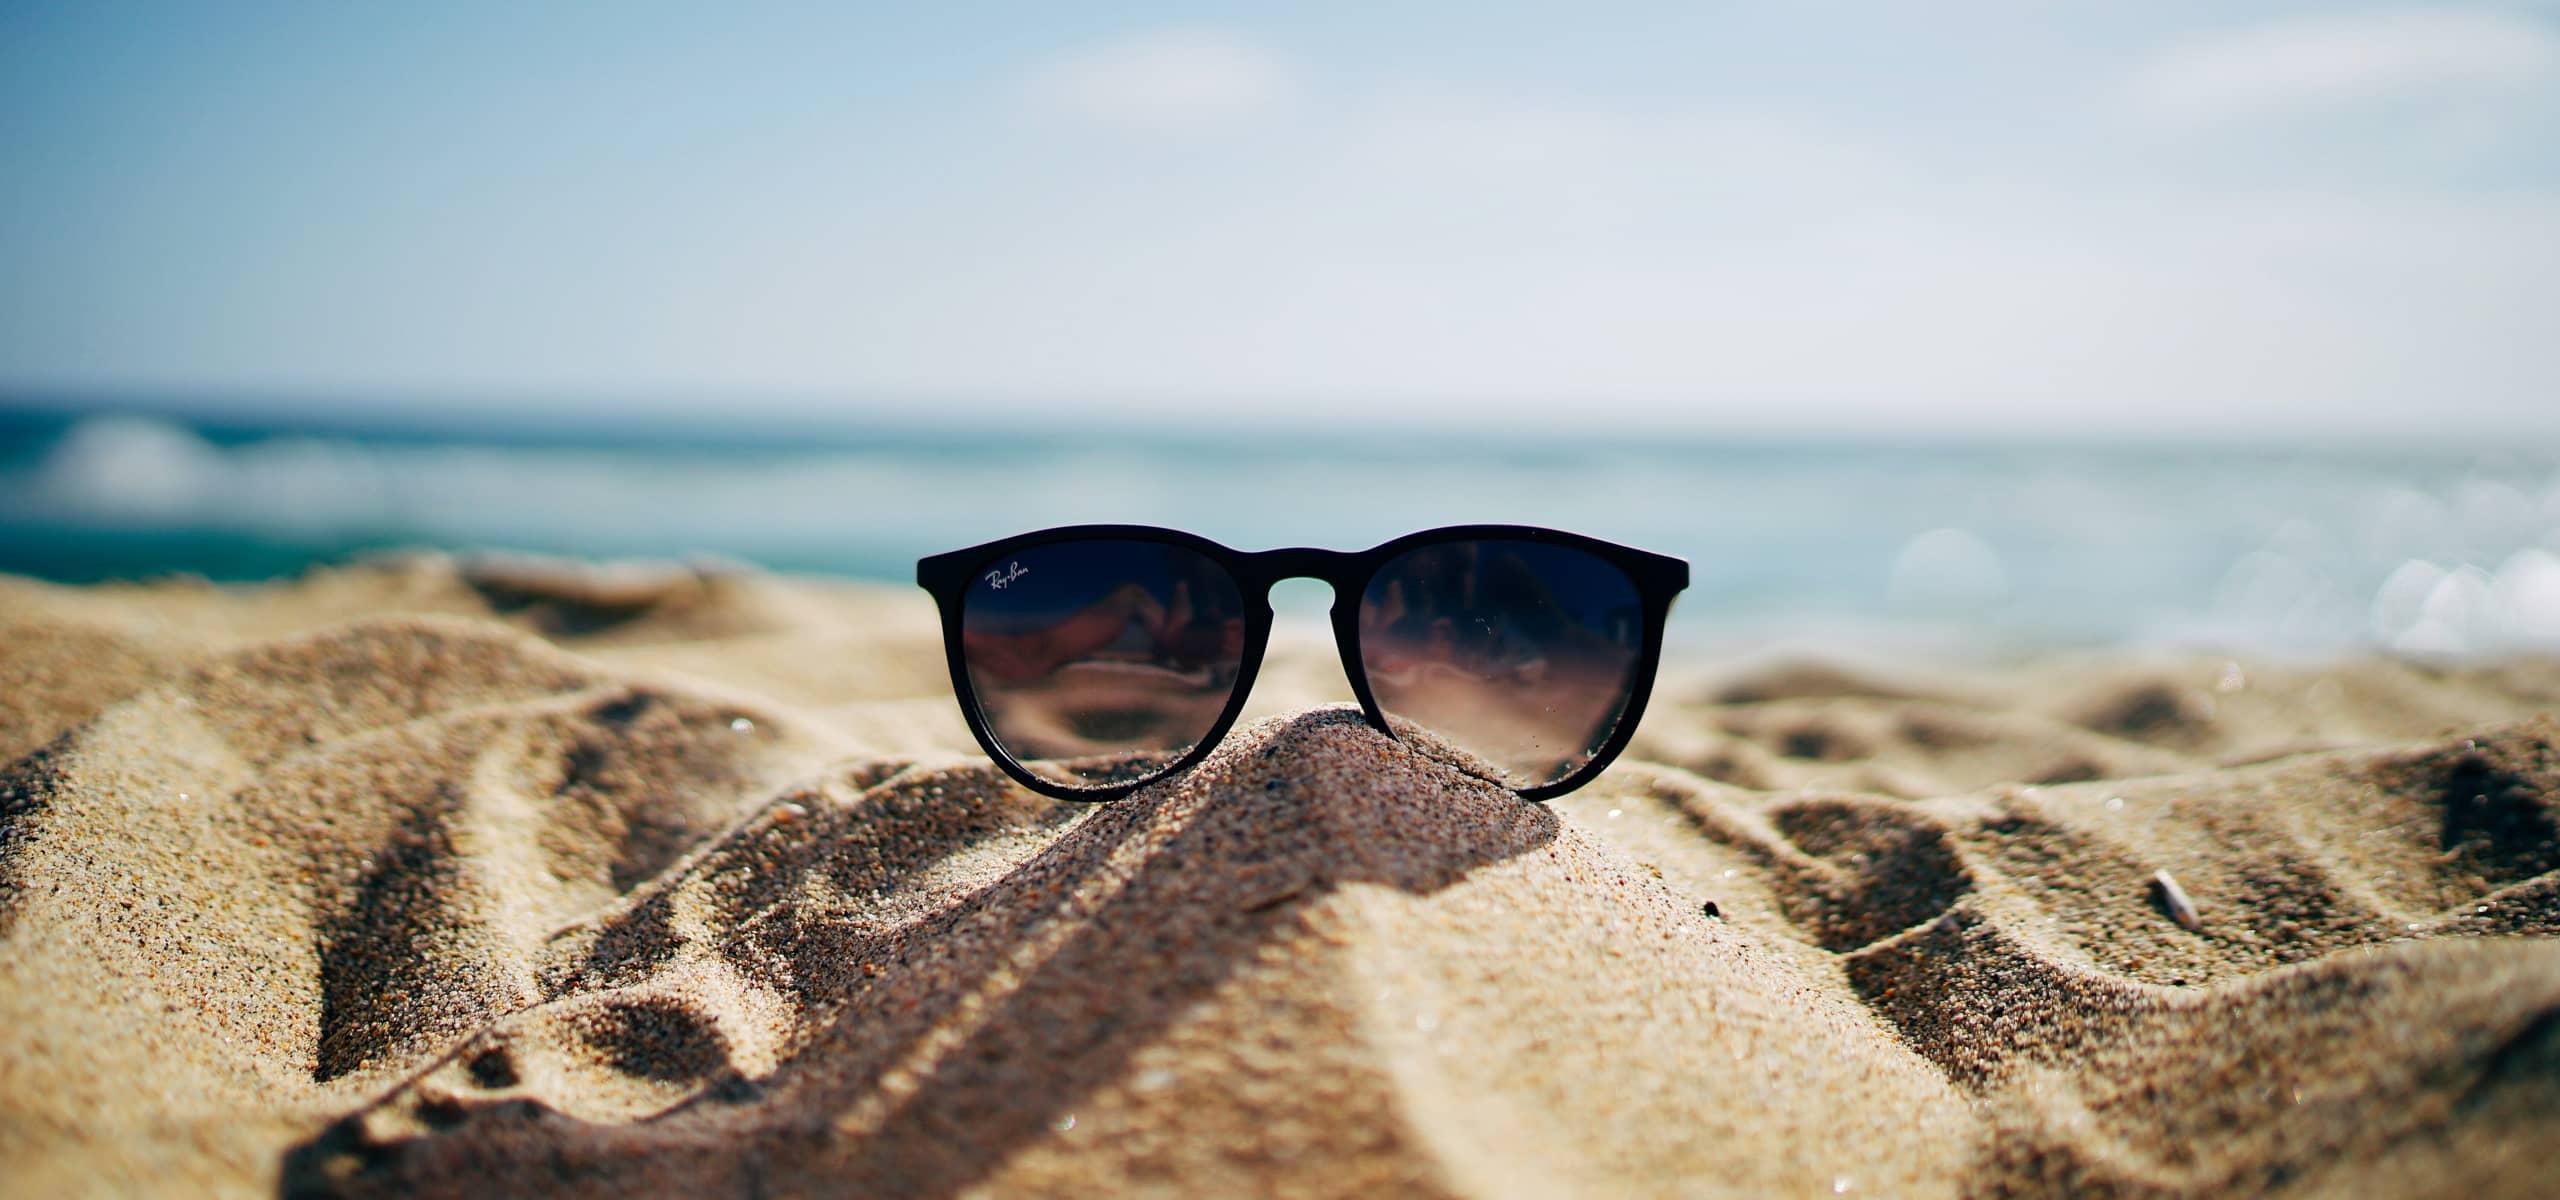 Des lunettes de soleil dans le sable